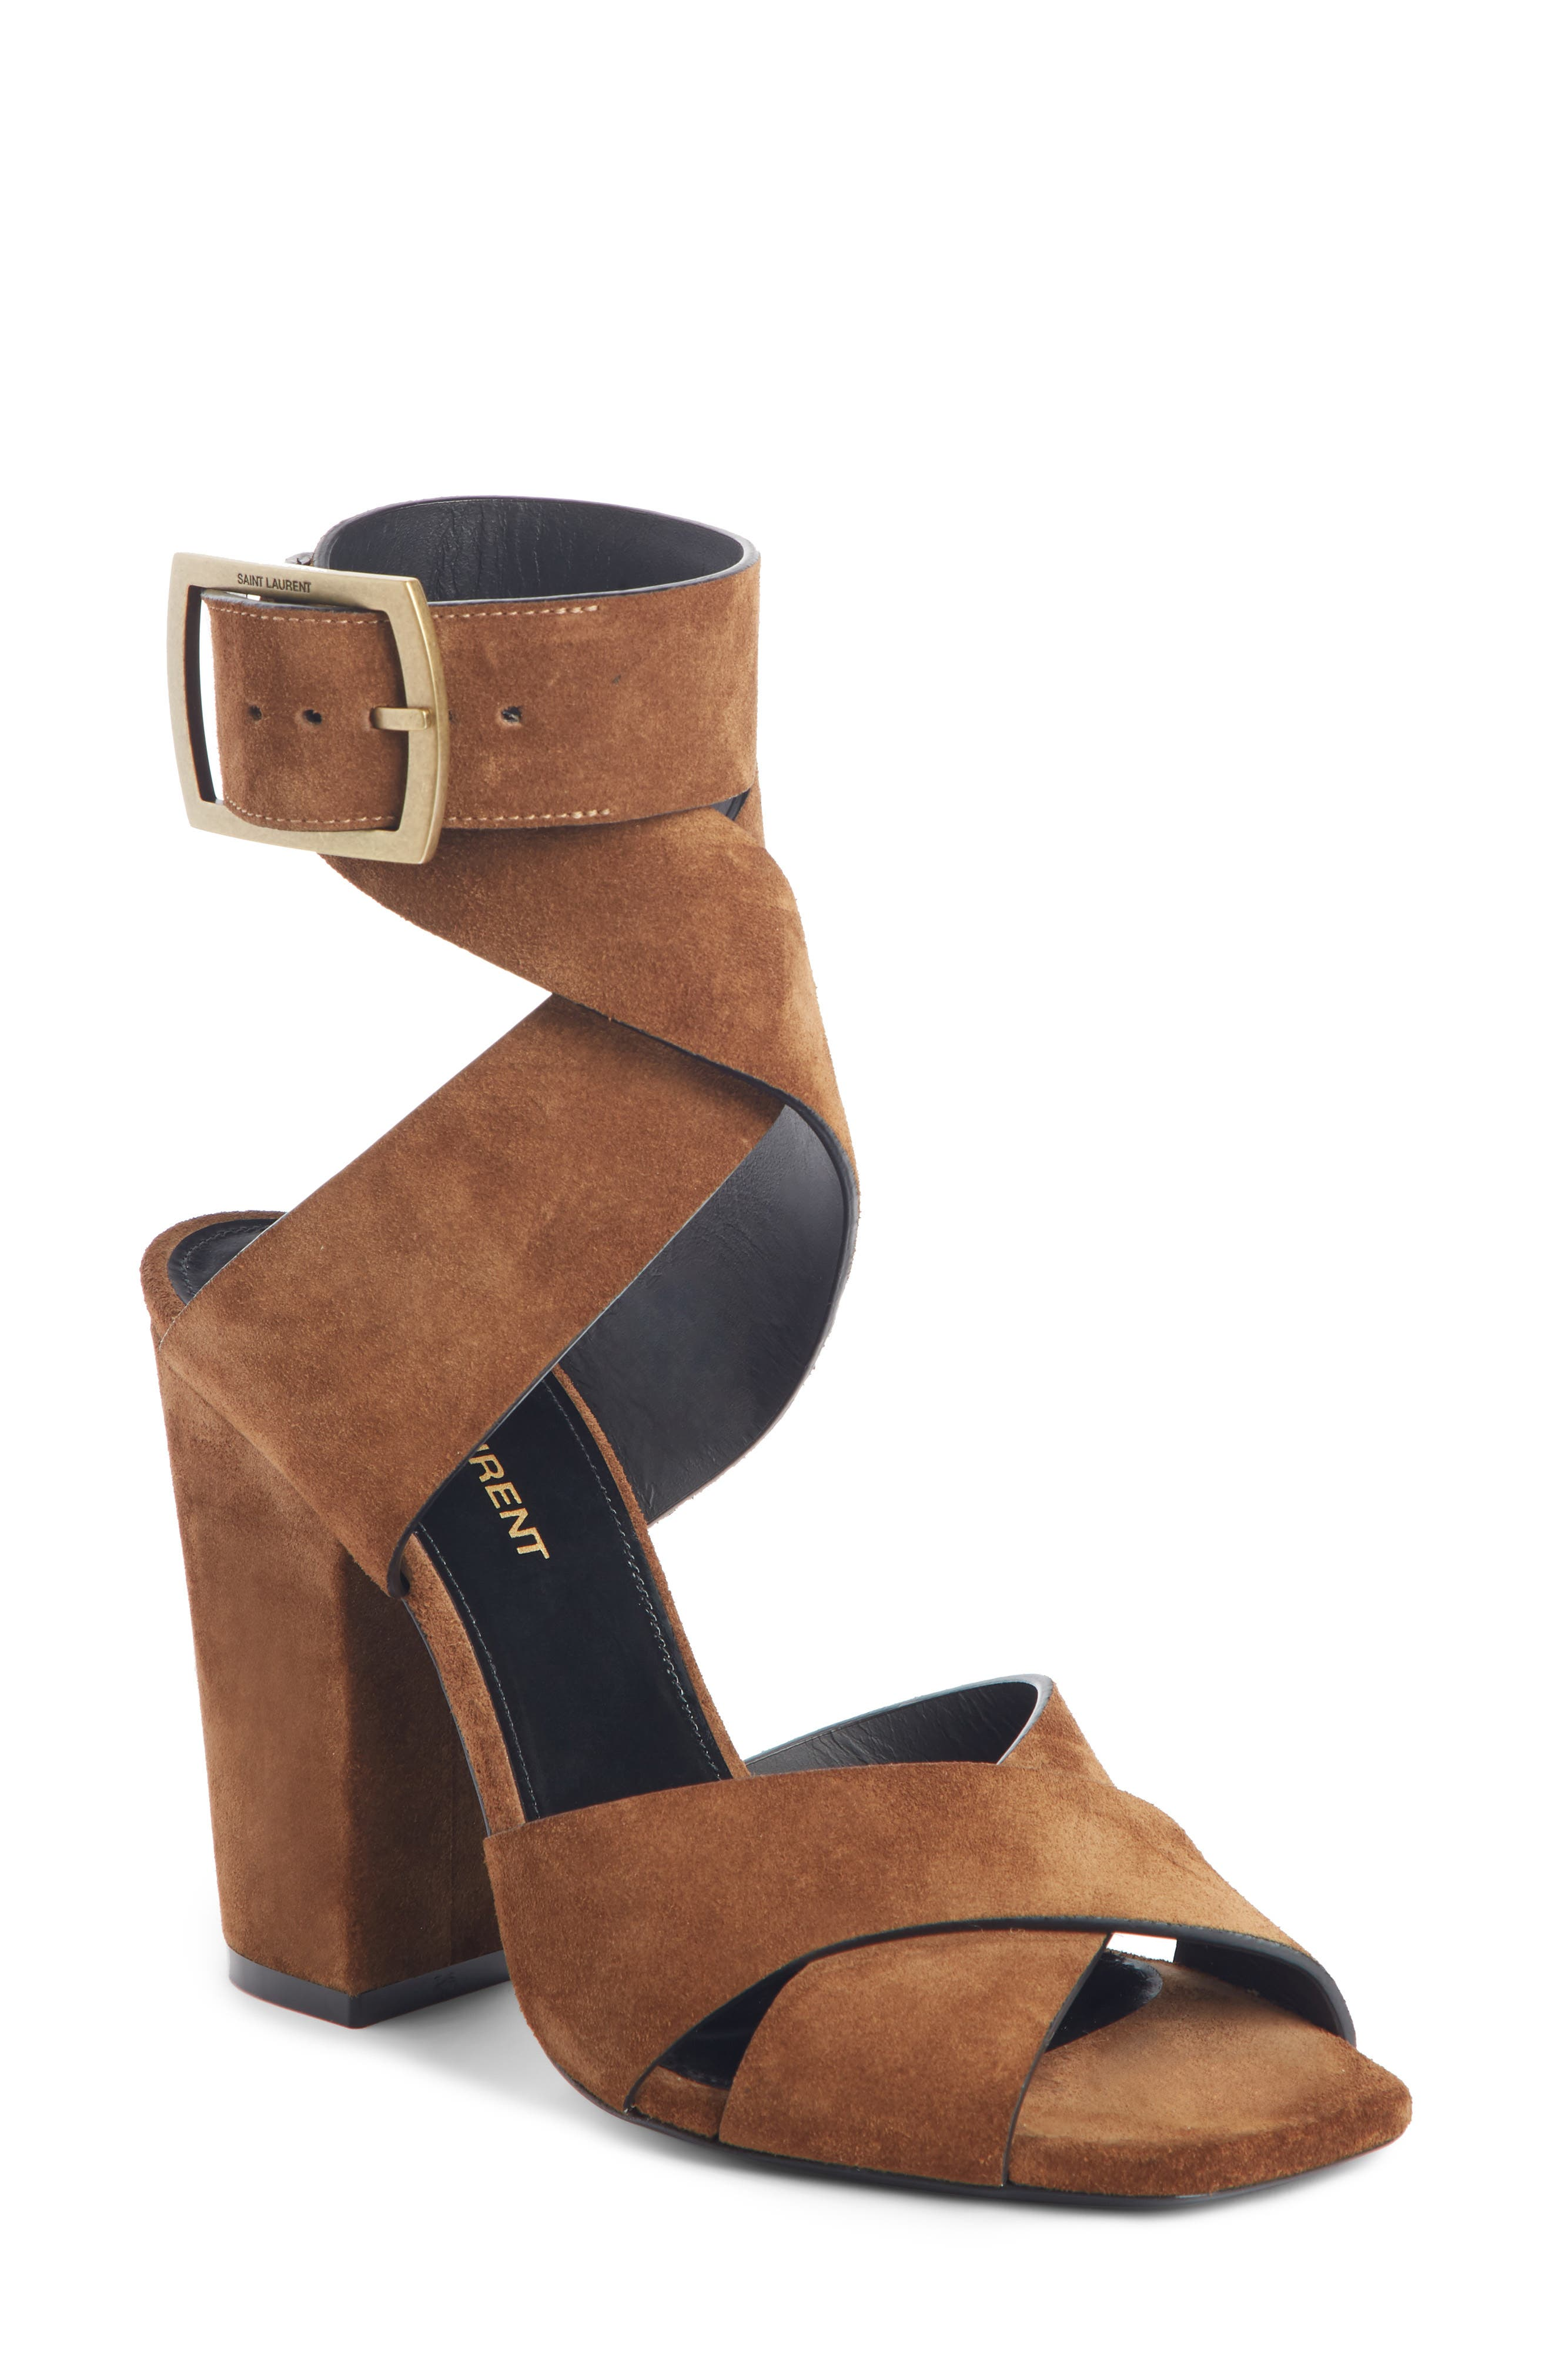 Saint Laurent Jodie Ankle Wrap Sandal, Brown